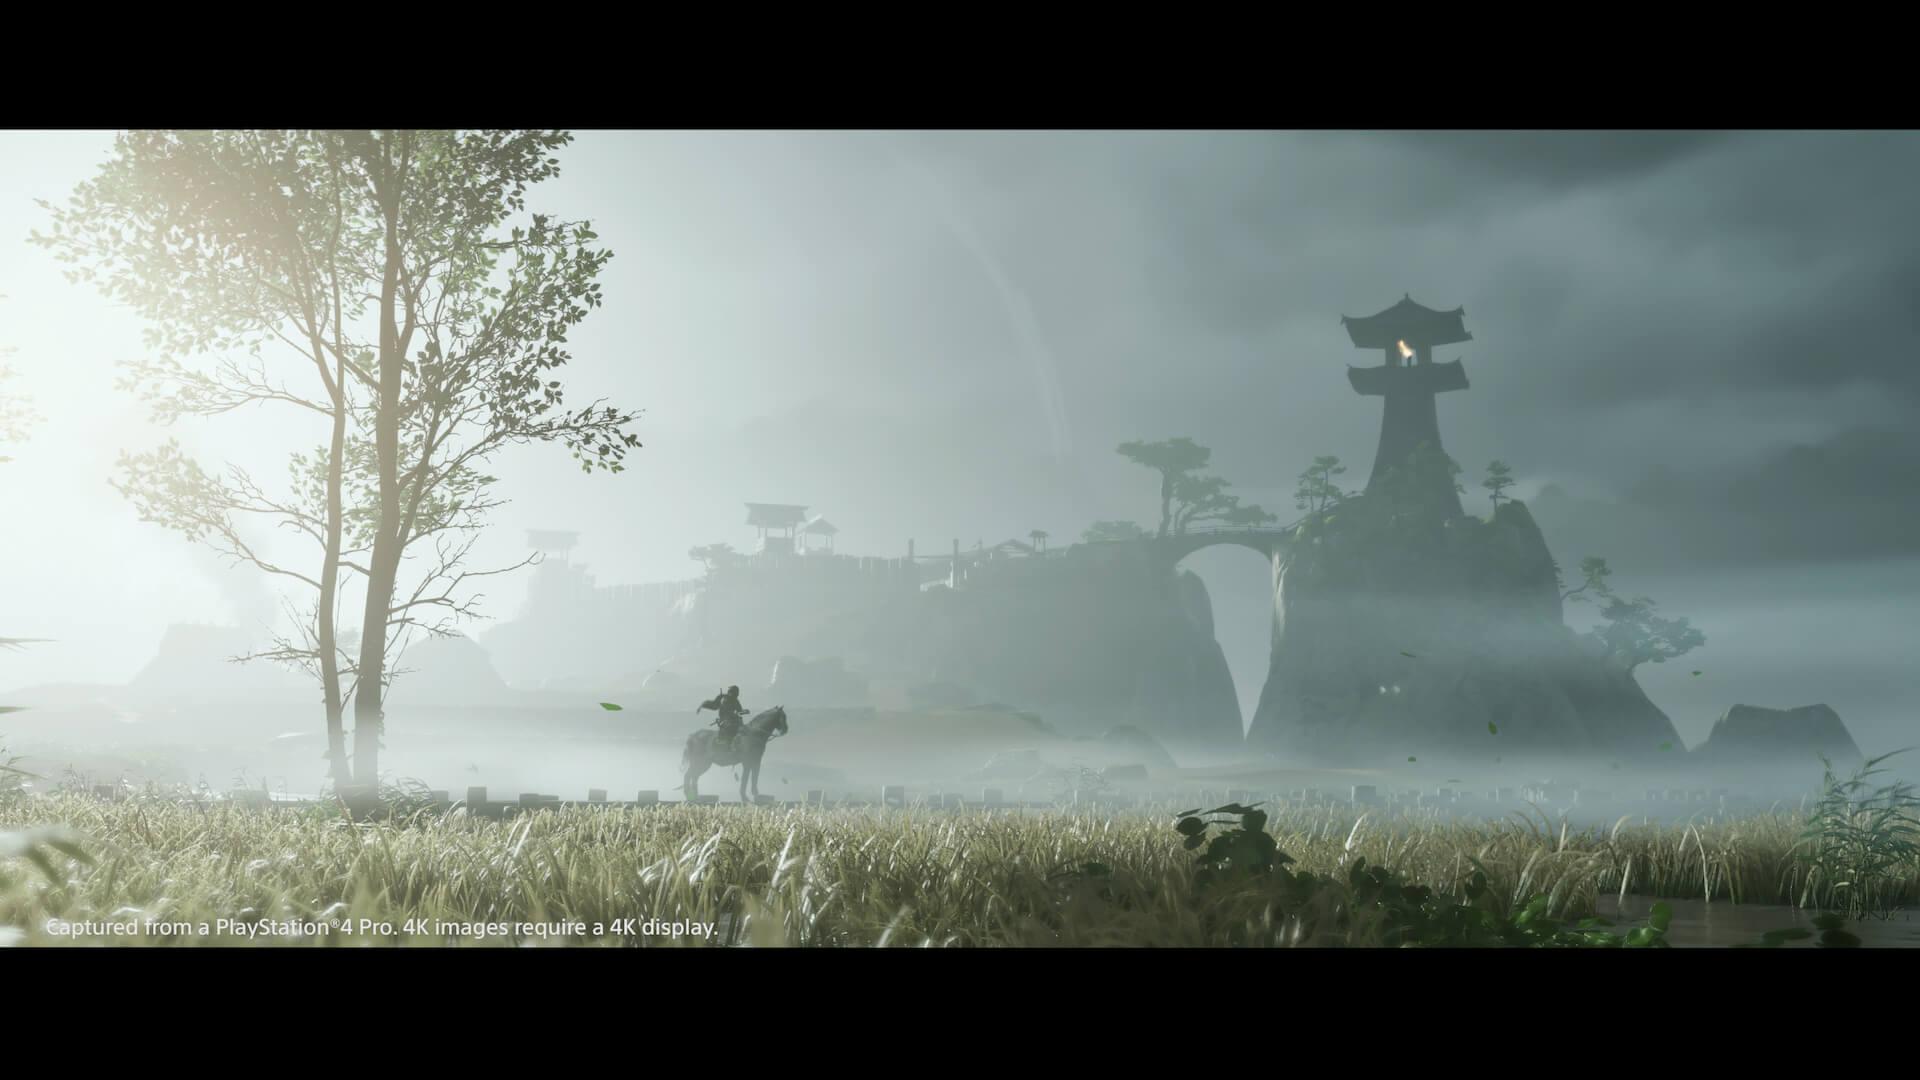 新感覚のオープンワールド時代劇を体感せよ!PS4専用ソフト『Ghost of Tsushima』がついに本日発売 tech200717_ghostoftsushima_12